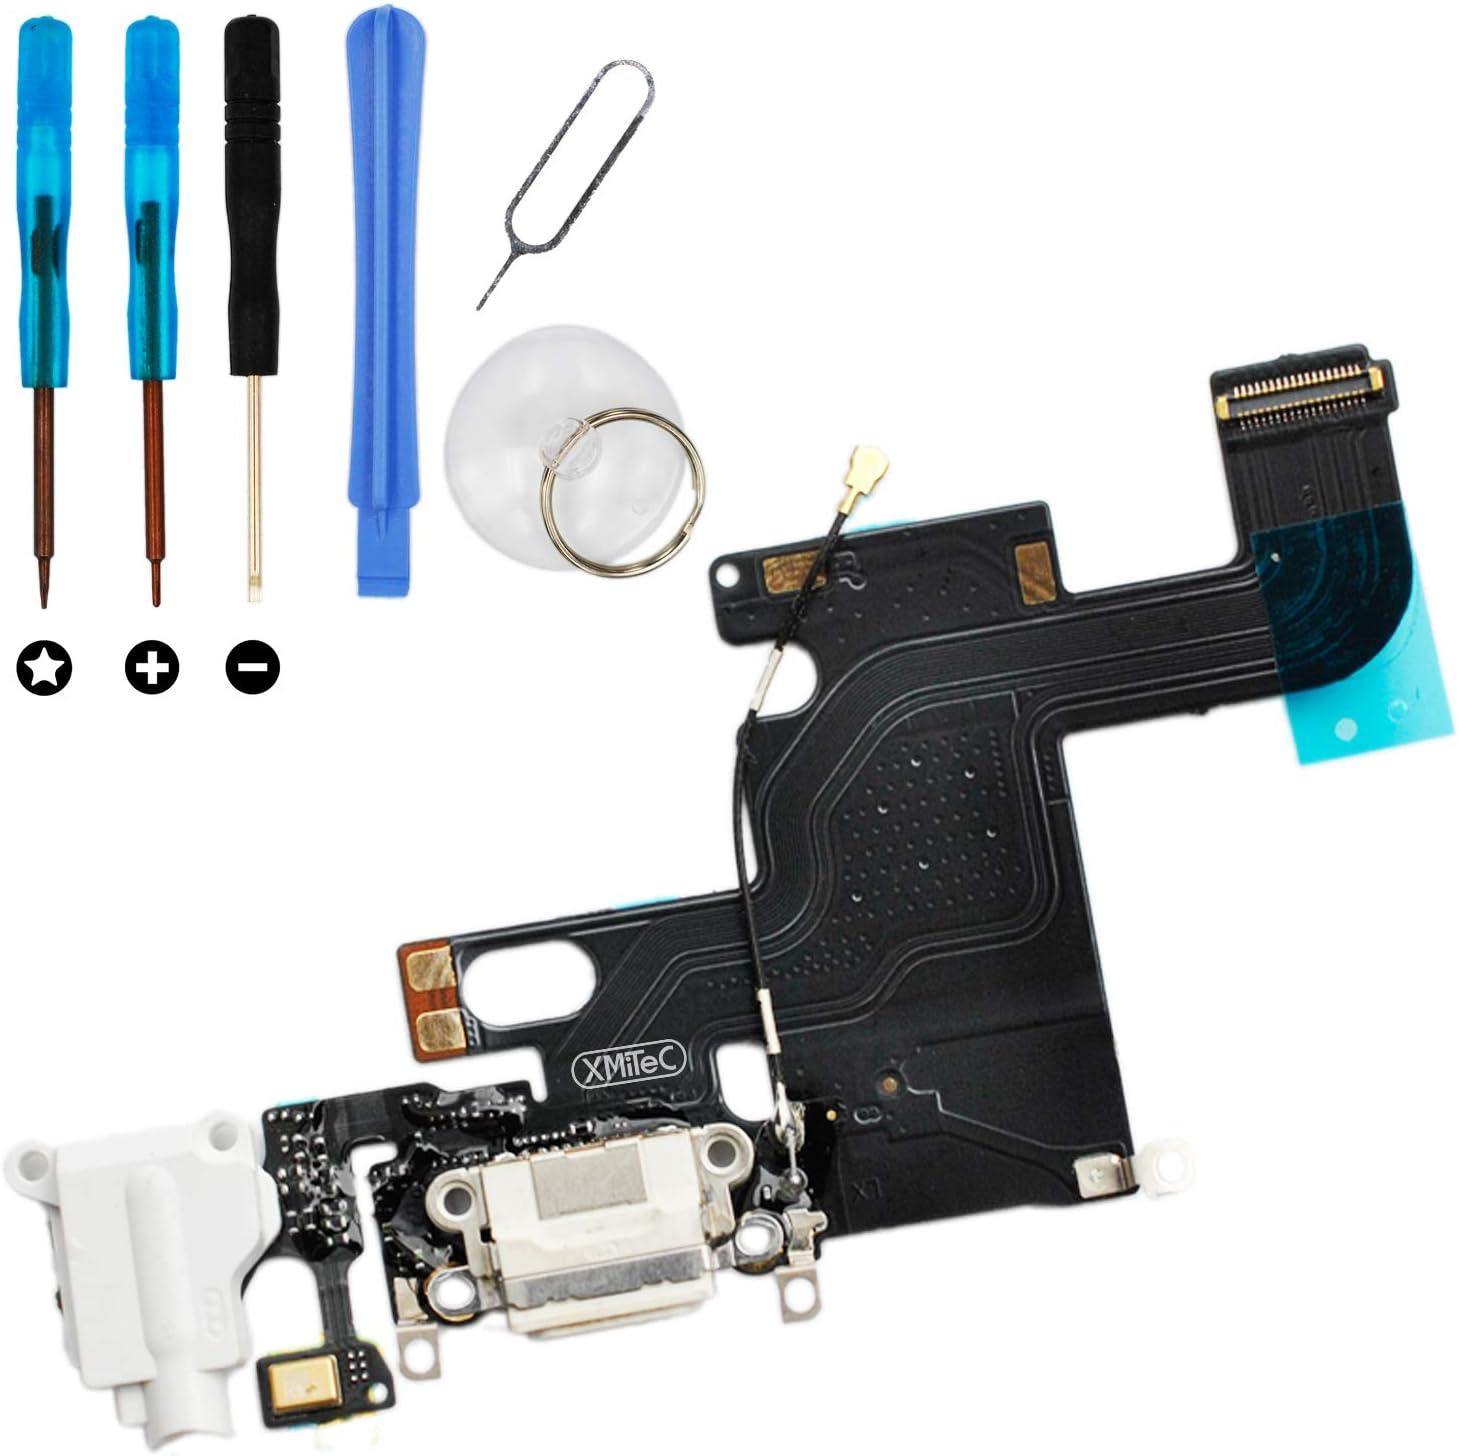 XMITEC Conector dock para iPhone 6 – Conector de carga USB, cable de audio Jack Flex, color blanco